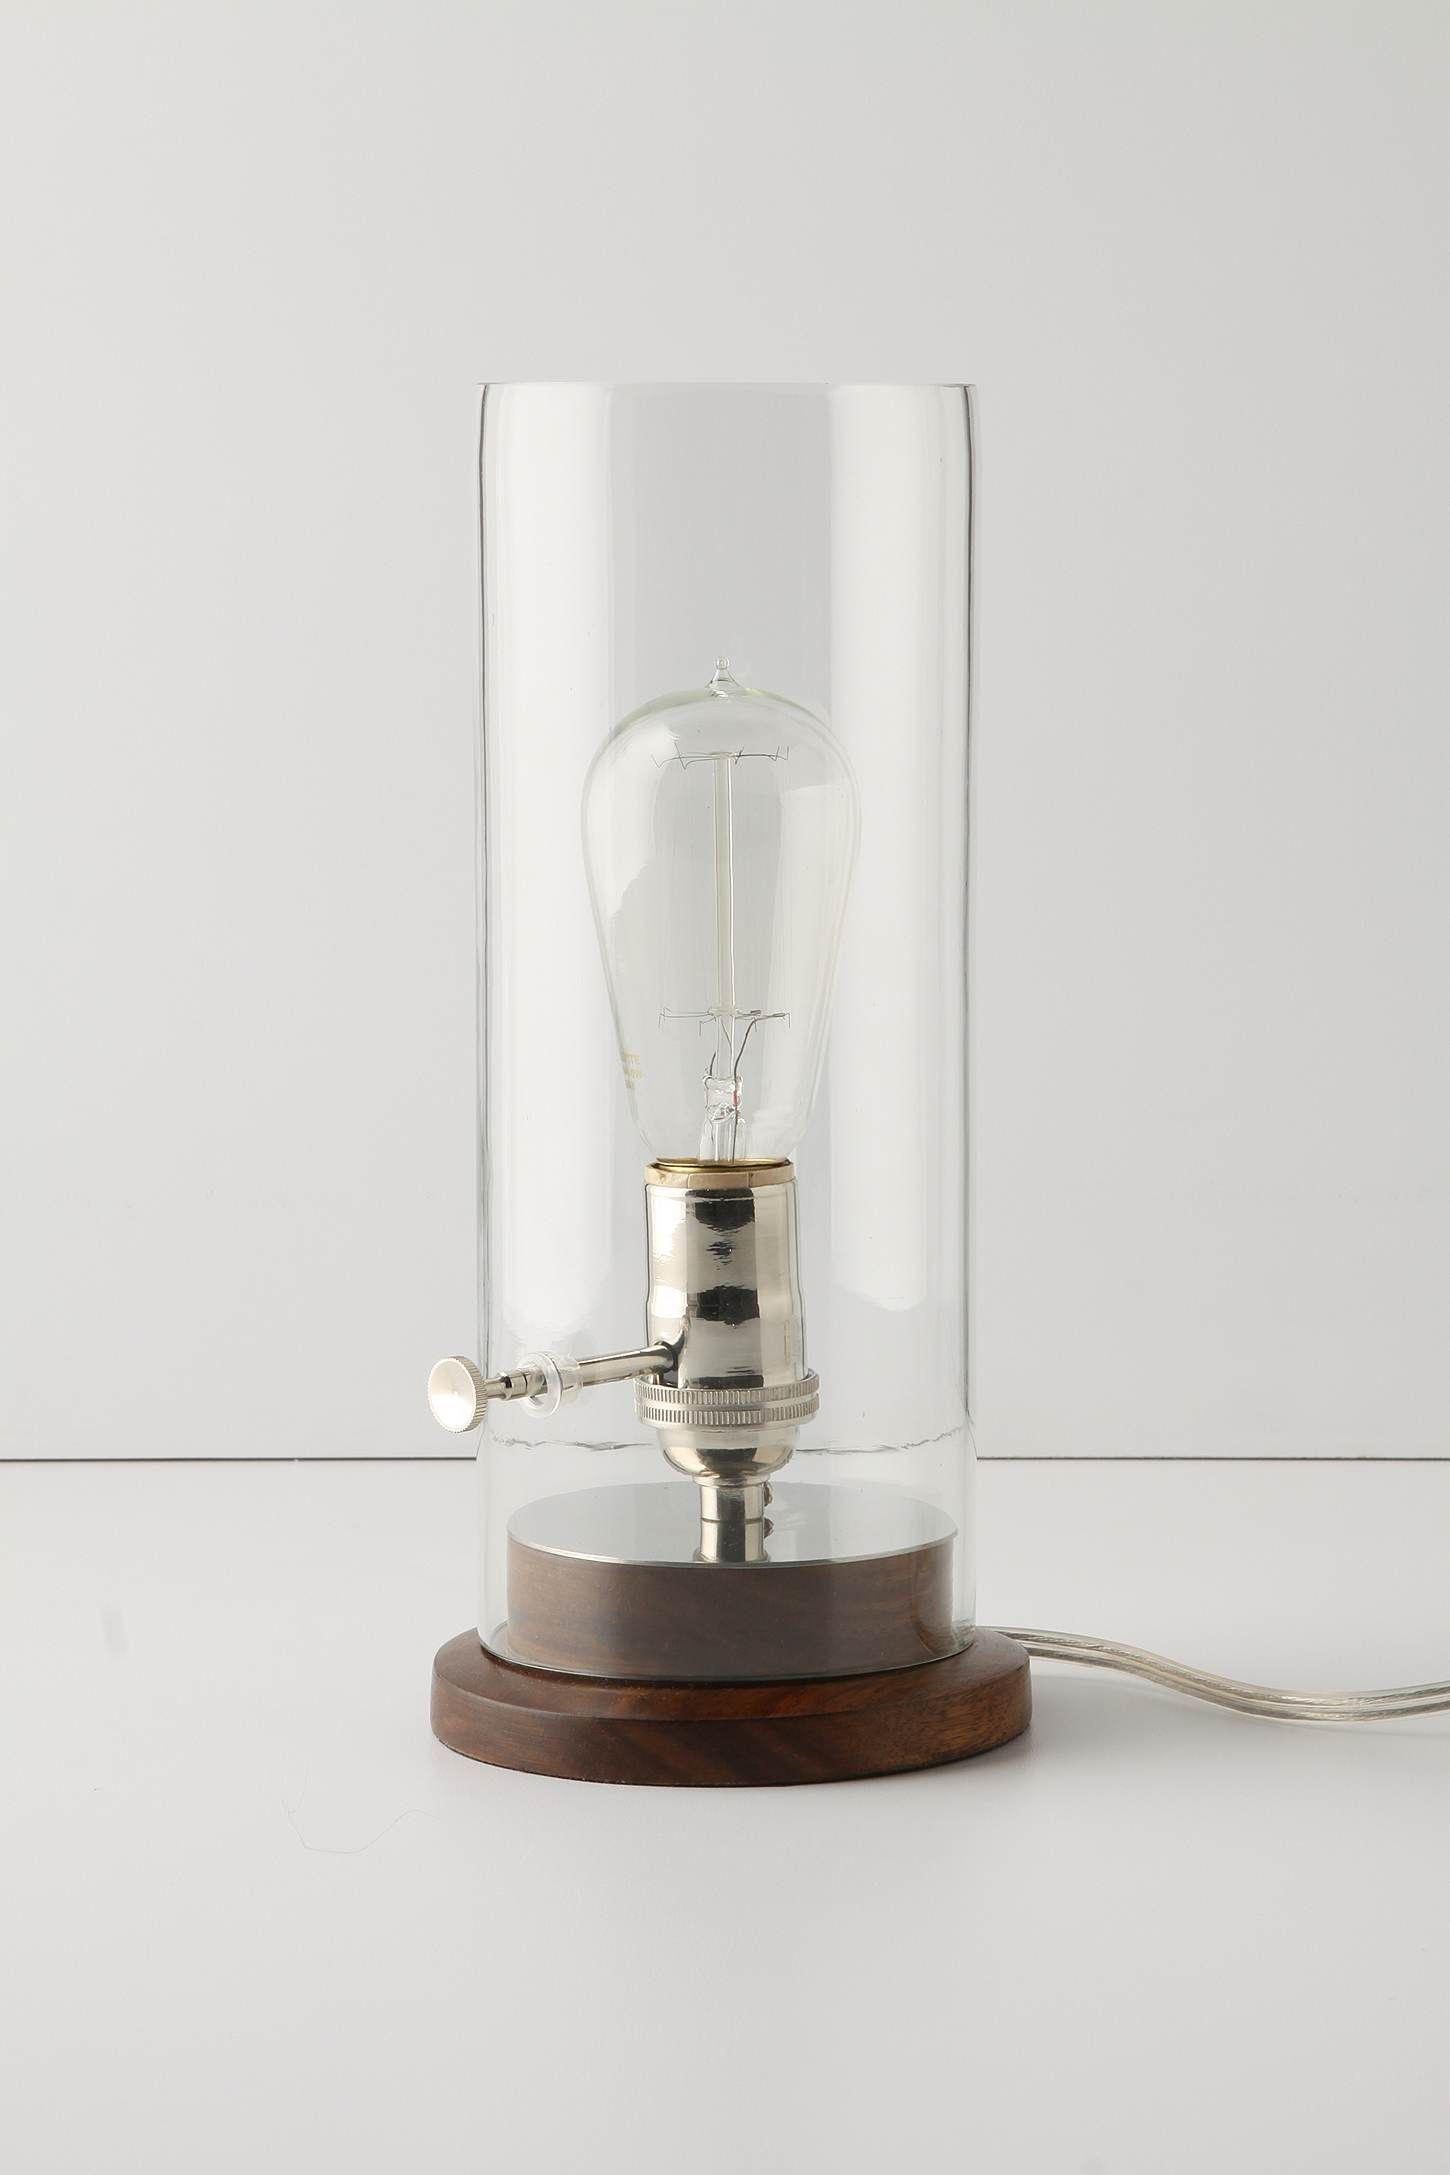 Menlo Desk Lamp | Lamp light, Lights and Desk lamp